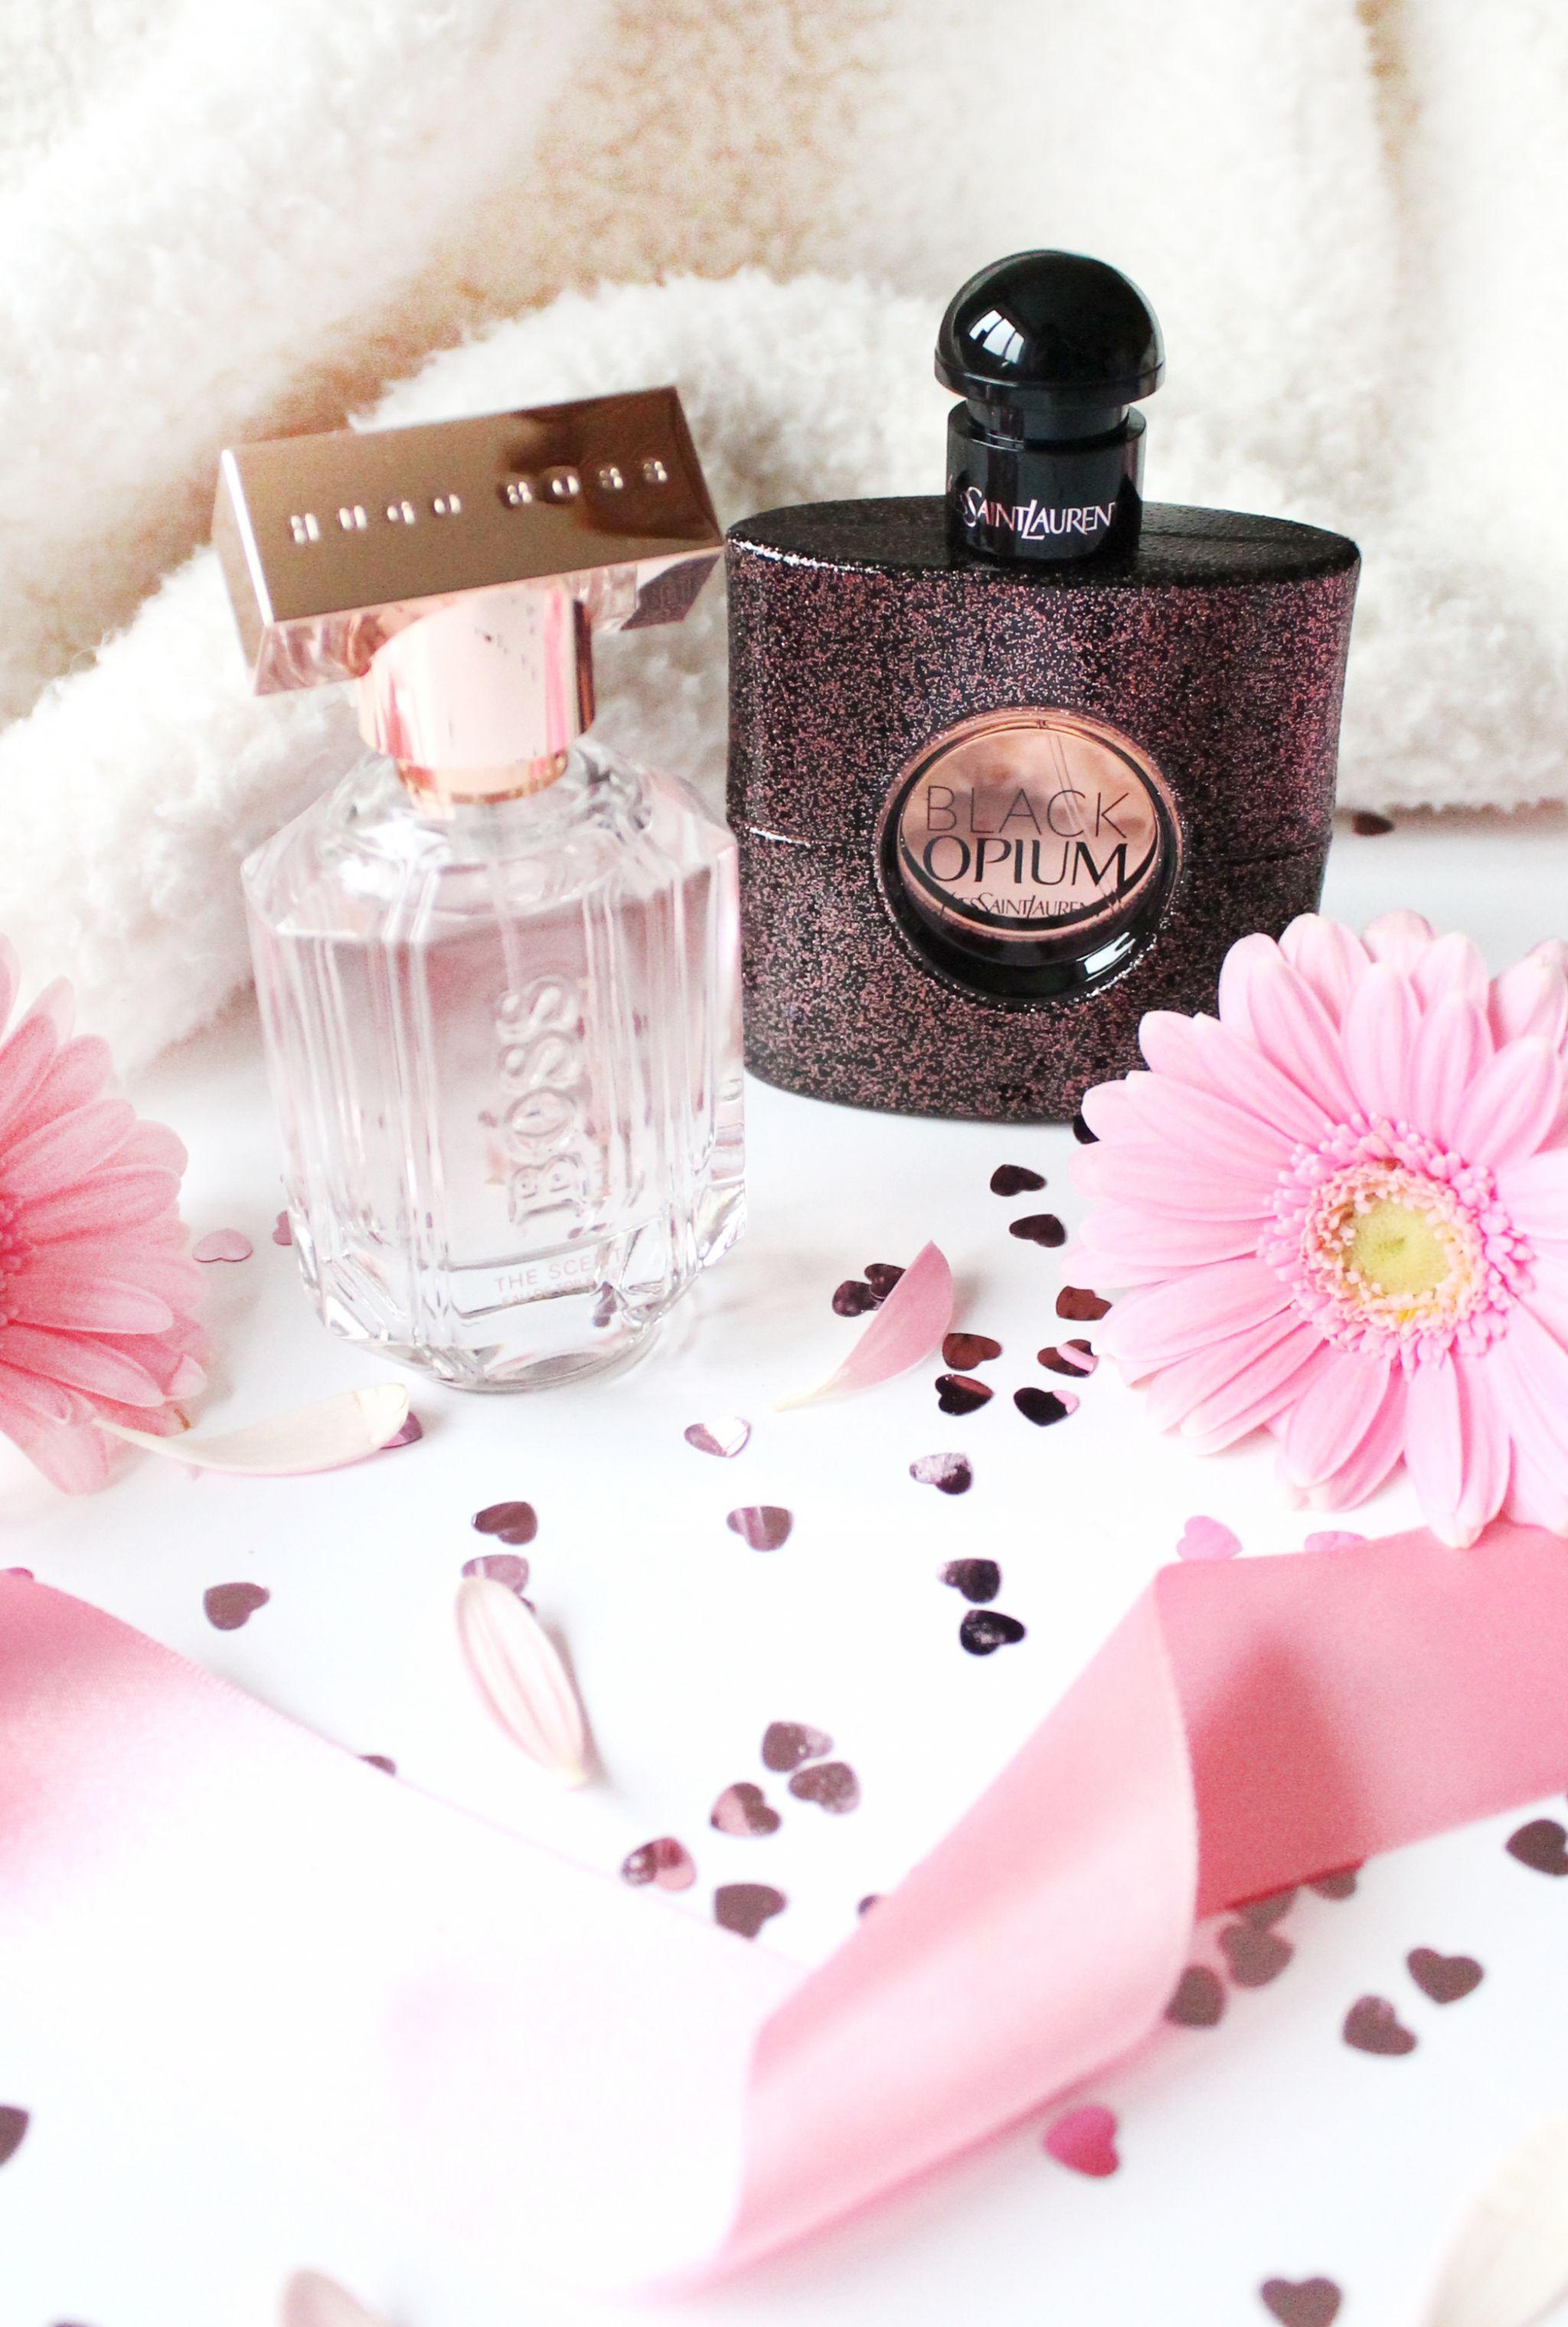 ysl, black opium, hugo boss, fragrance,